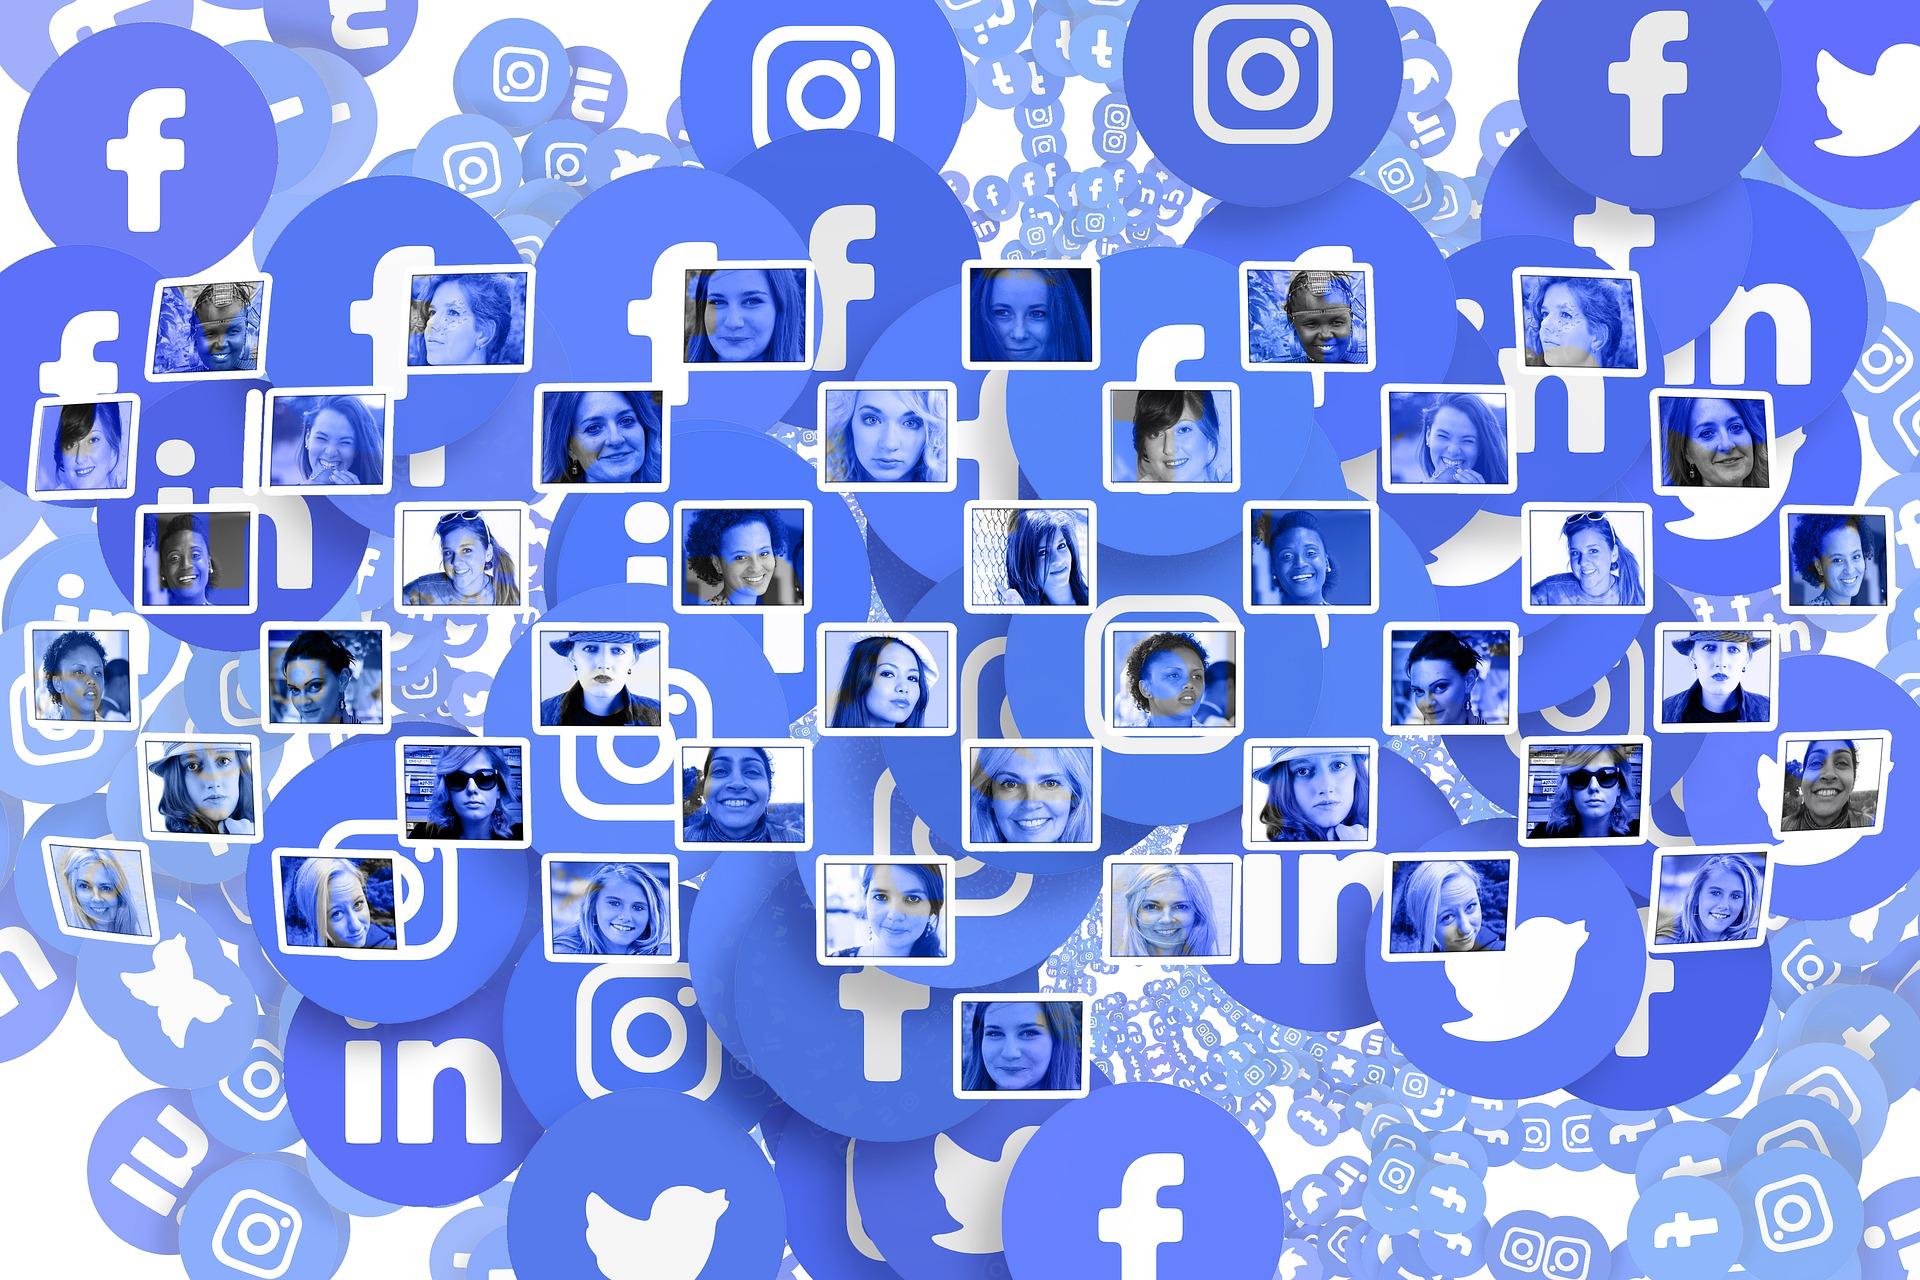 Смотреть все социальные сети картинками